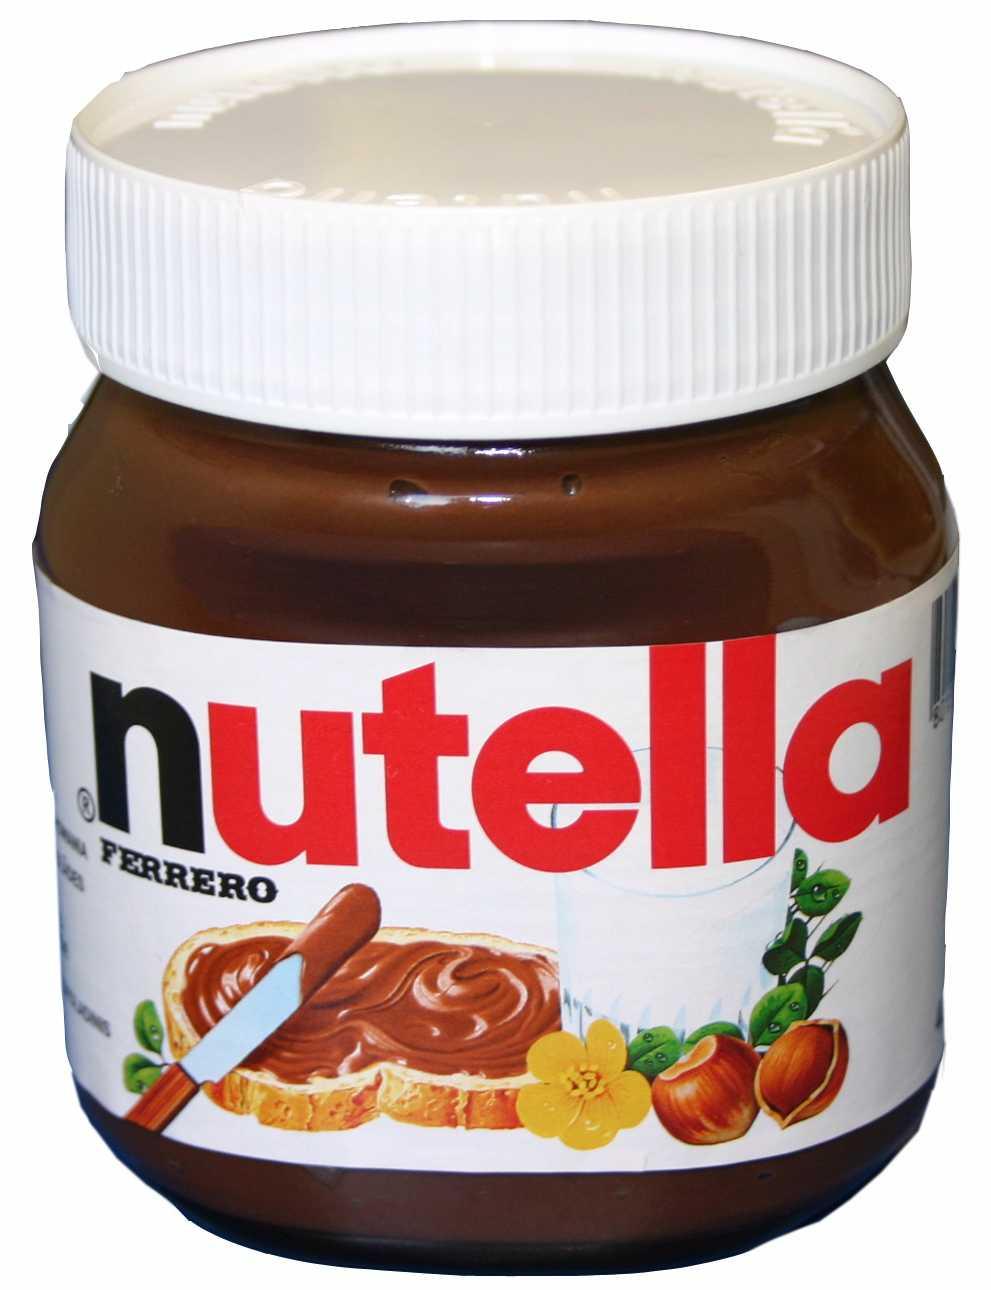 nutella-fuck